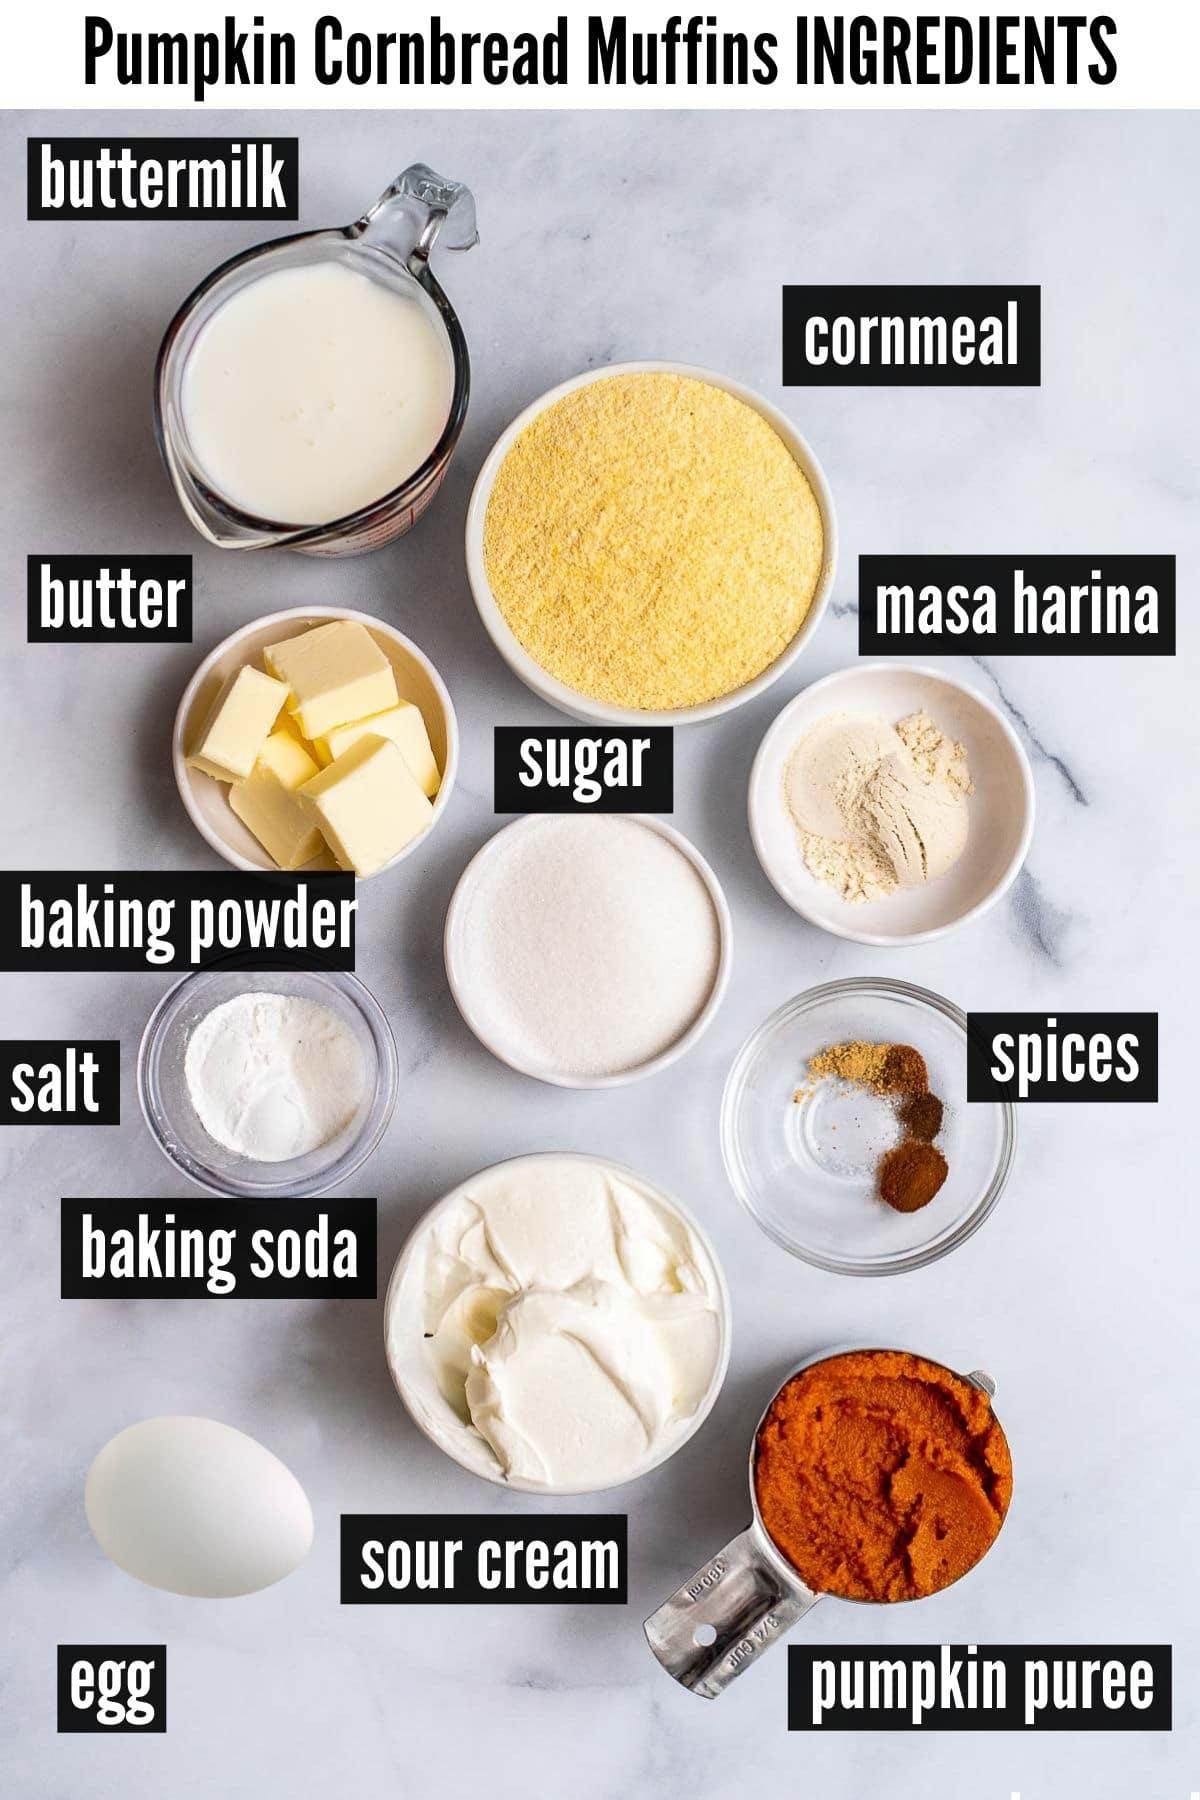 pumpkin cornbread muffins ingredients labelled